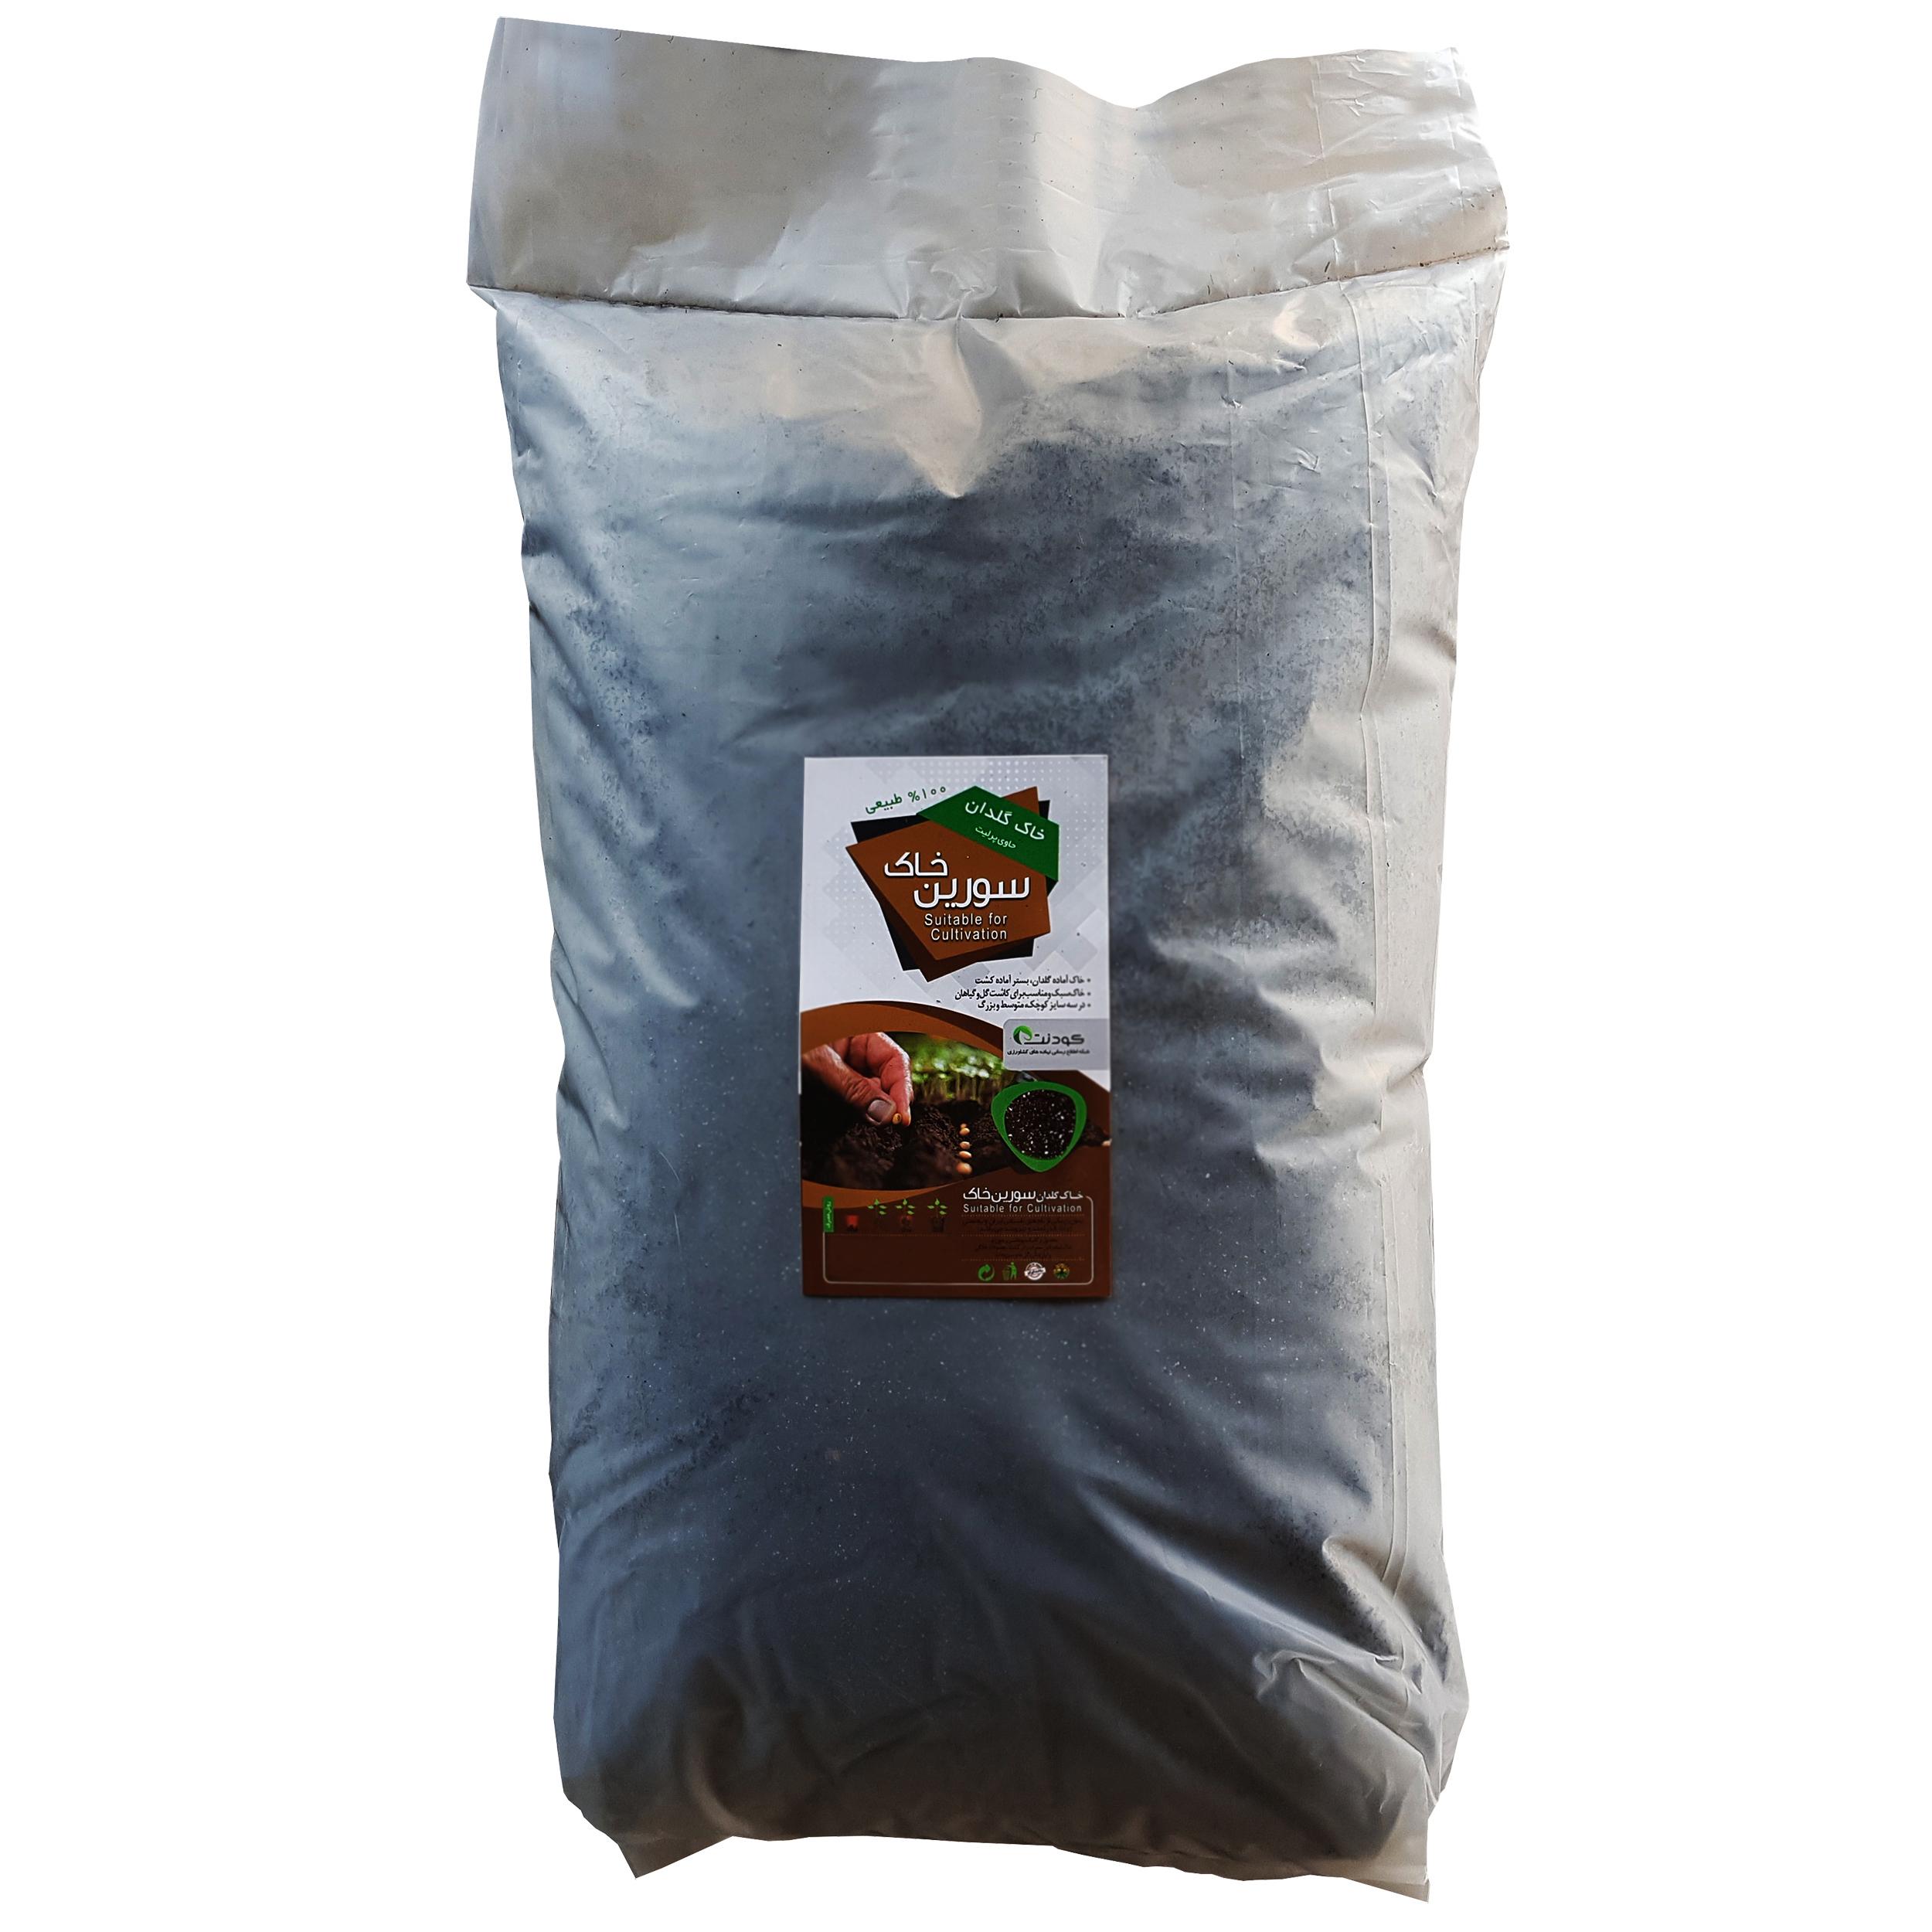 خاک گلدان سورین خاک مدل G20 حجم 20 لیتر